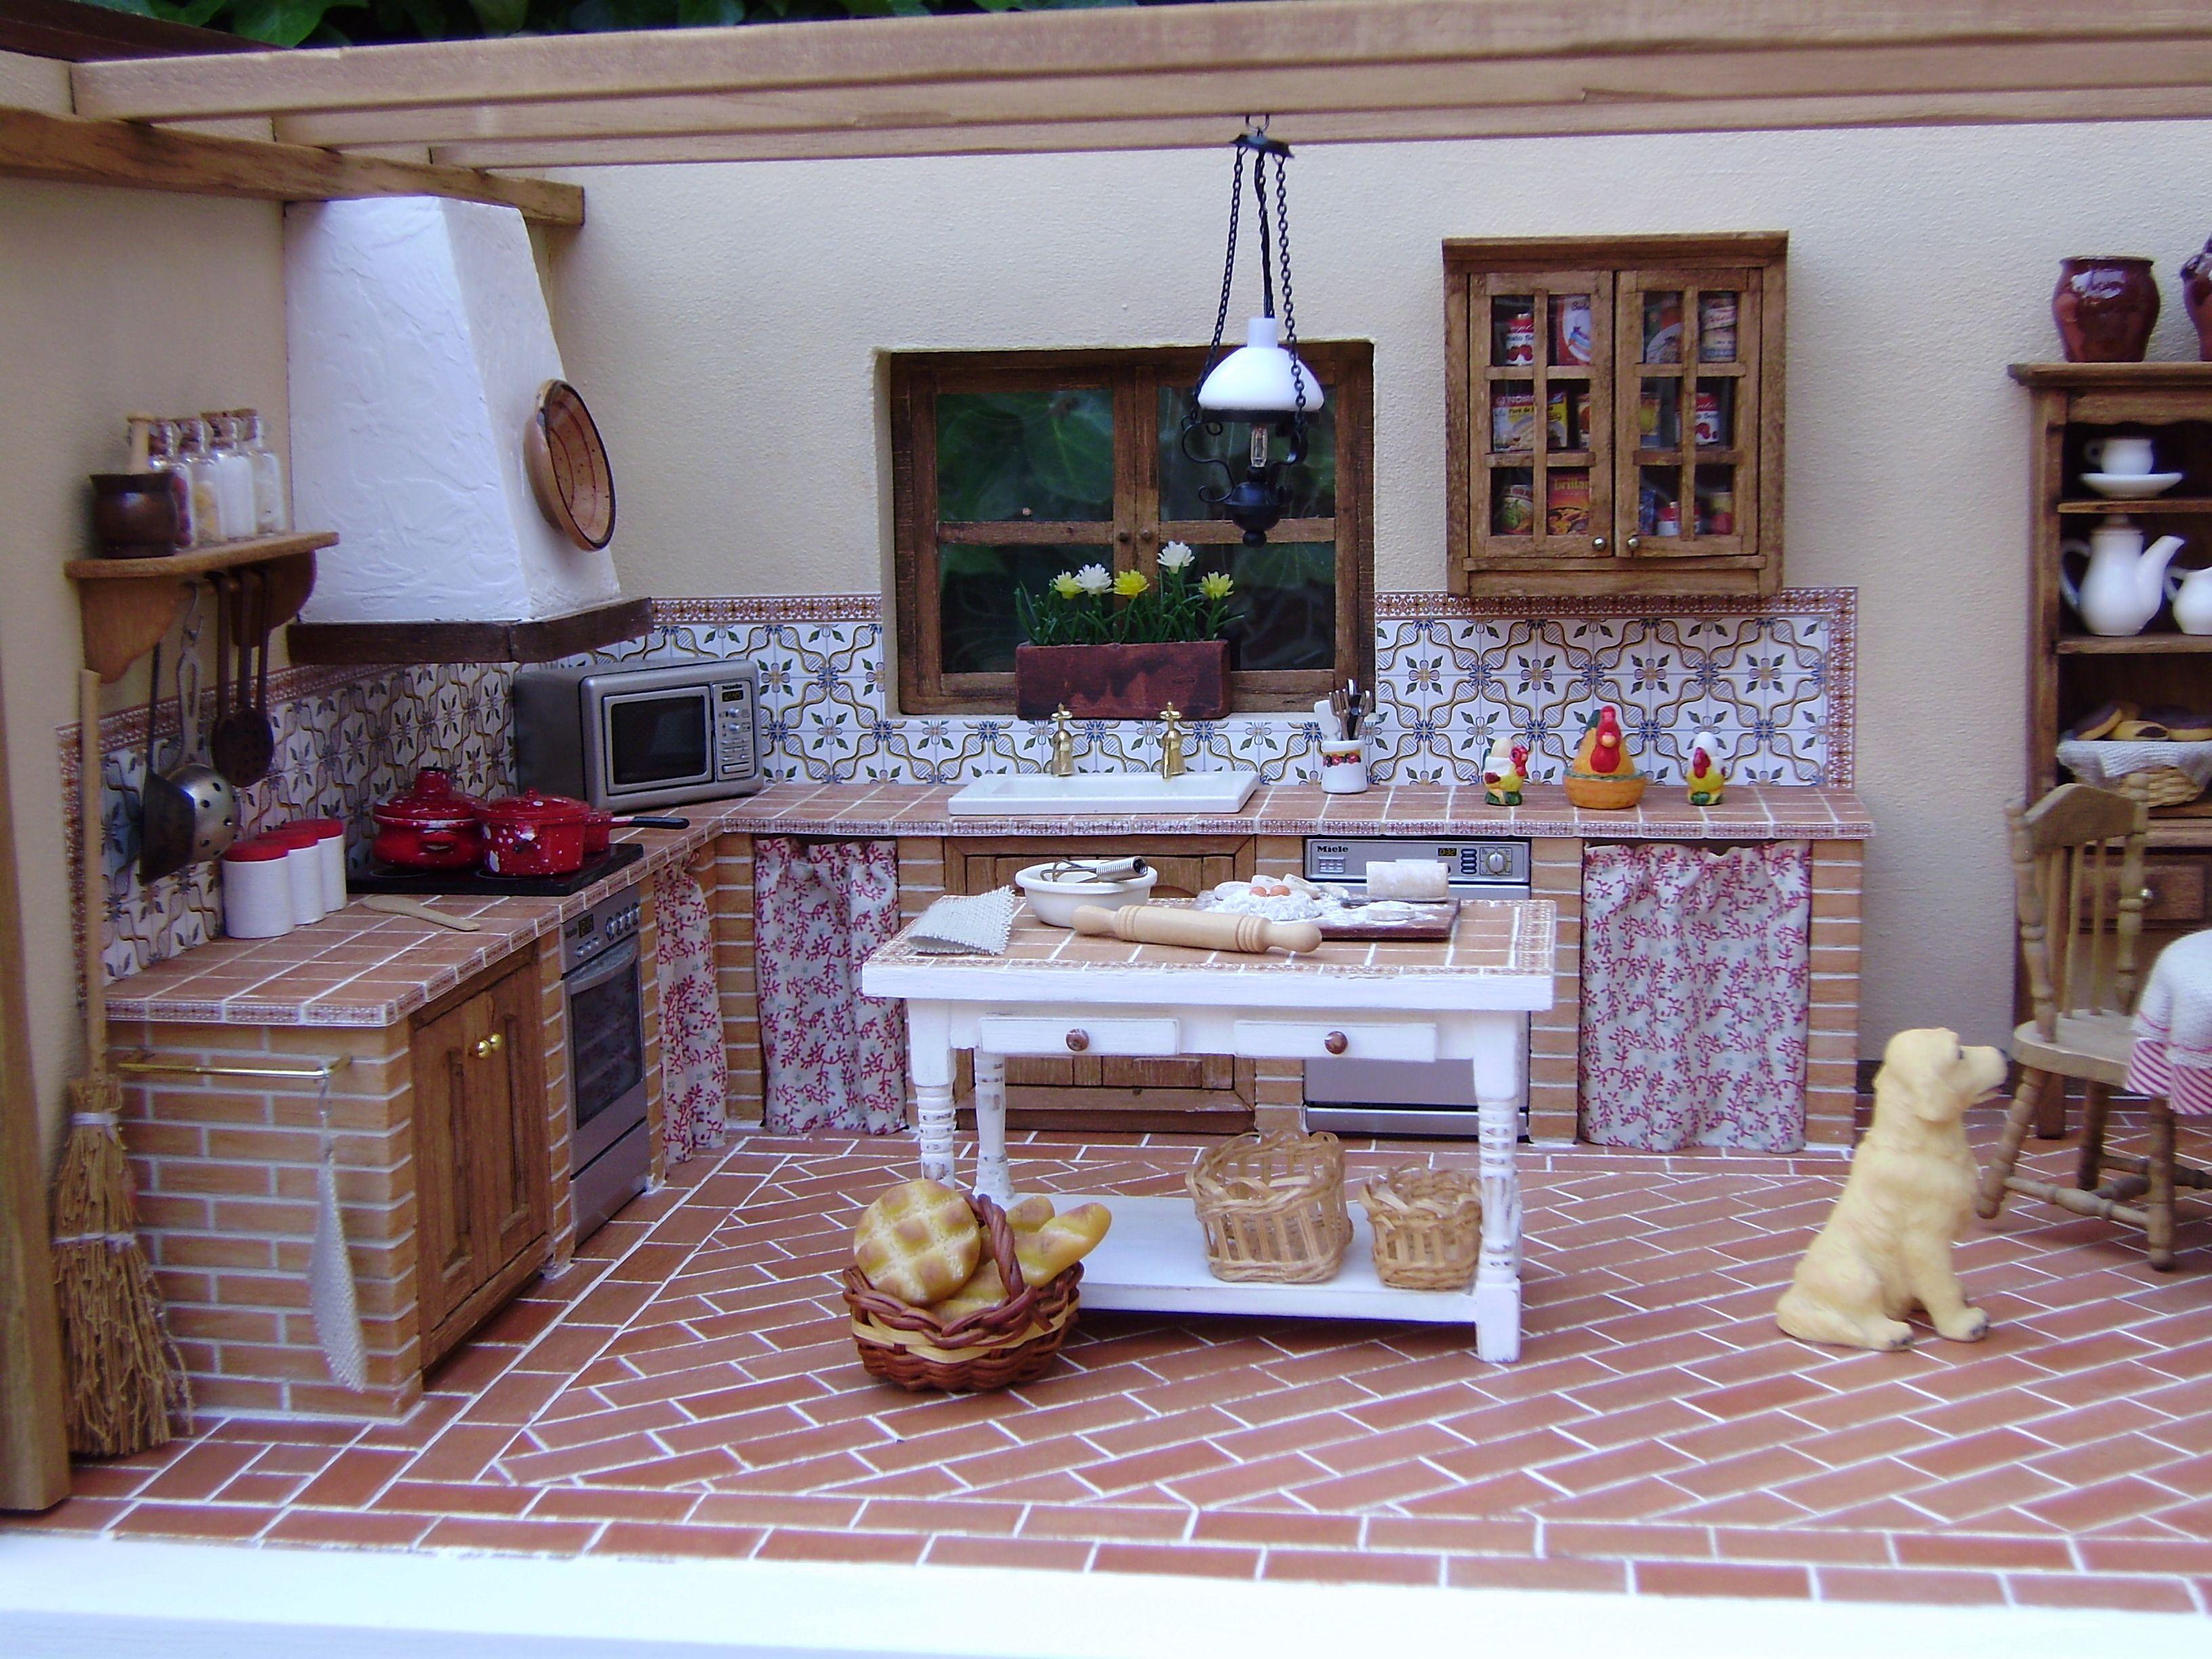 Cocina r stica minatures pinterest cocinas r sticas r stico y miniaturas - Cocinas de obra rusticas ...